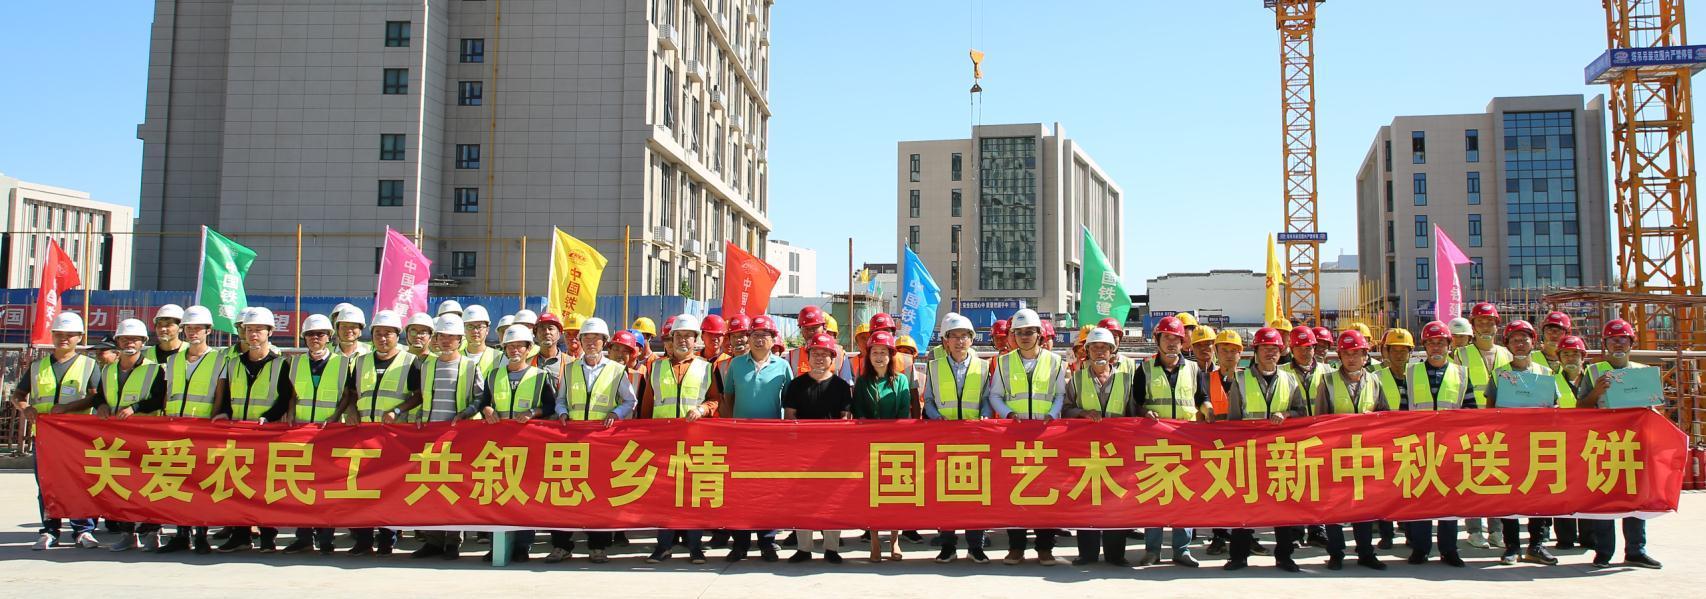 国画艺术家刘新中秋送月饼,关爱慰问农民工兄